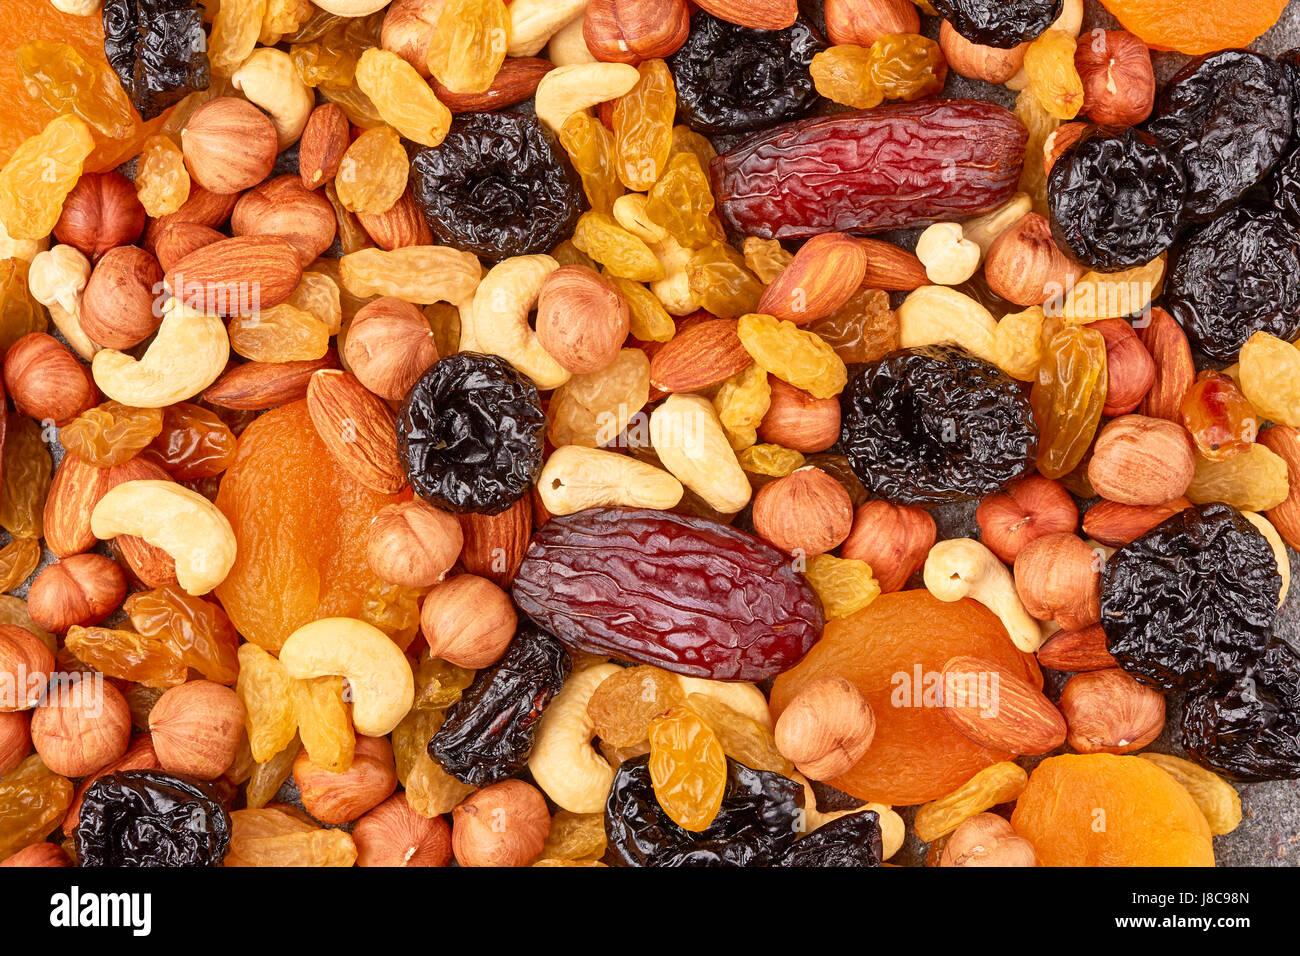 Mischung aus getrockneten Früchten und Nüssen Stockbild